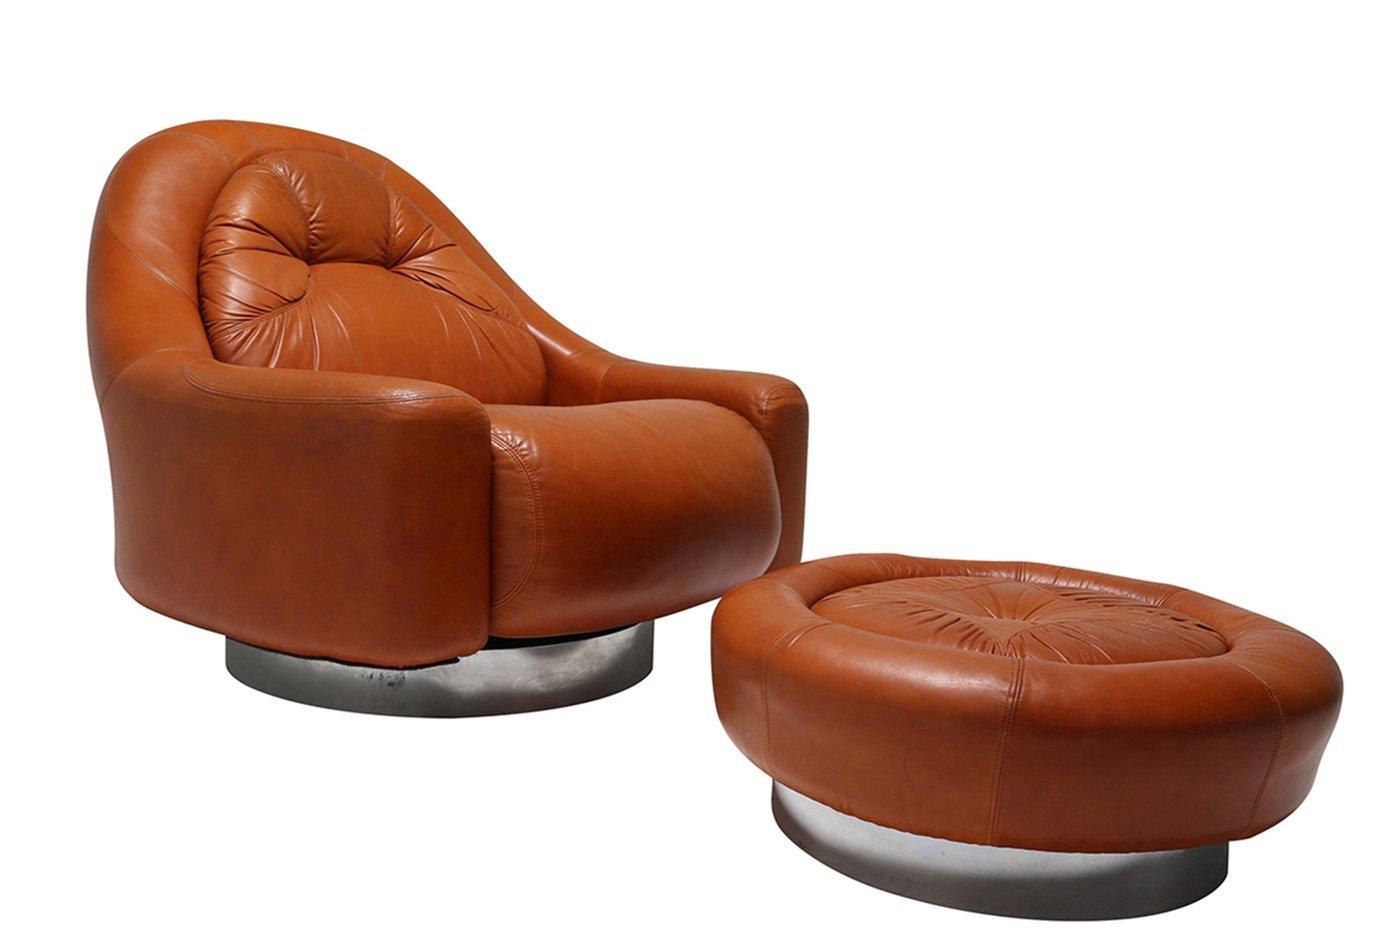 Vintage Sessel mit Ottoman von Guido Faleschini für Mariani